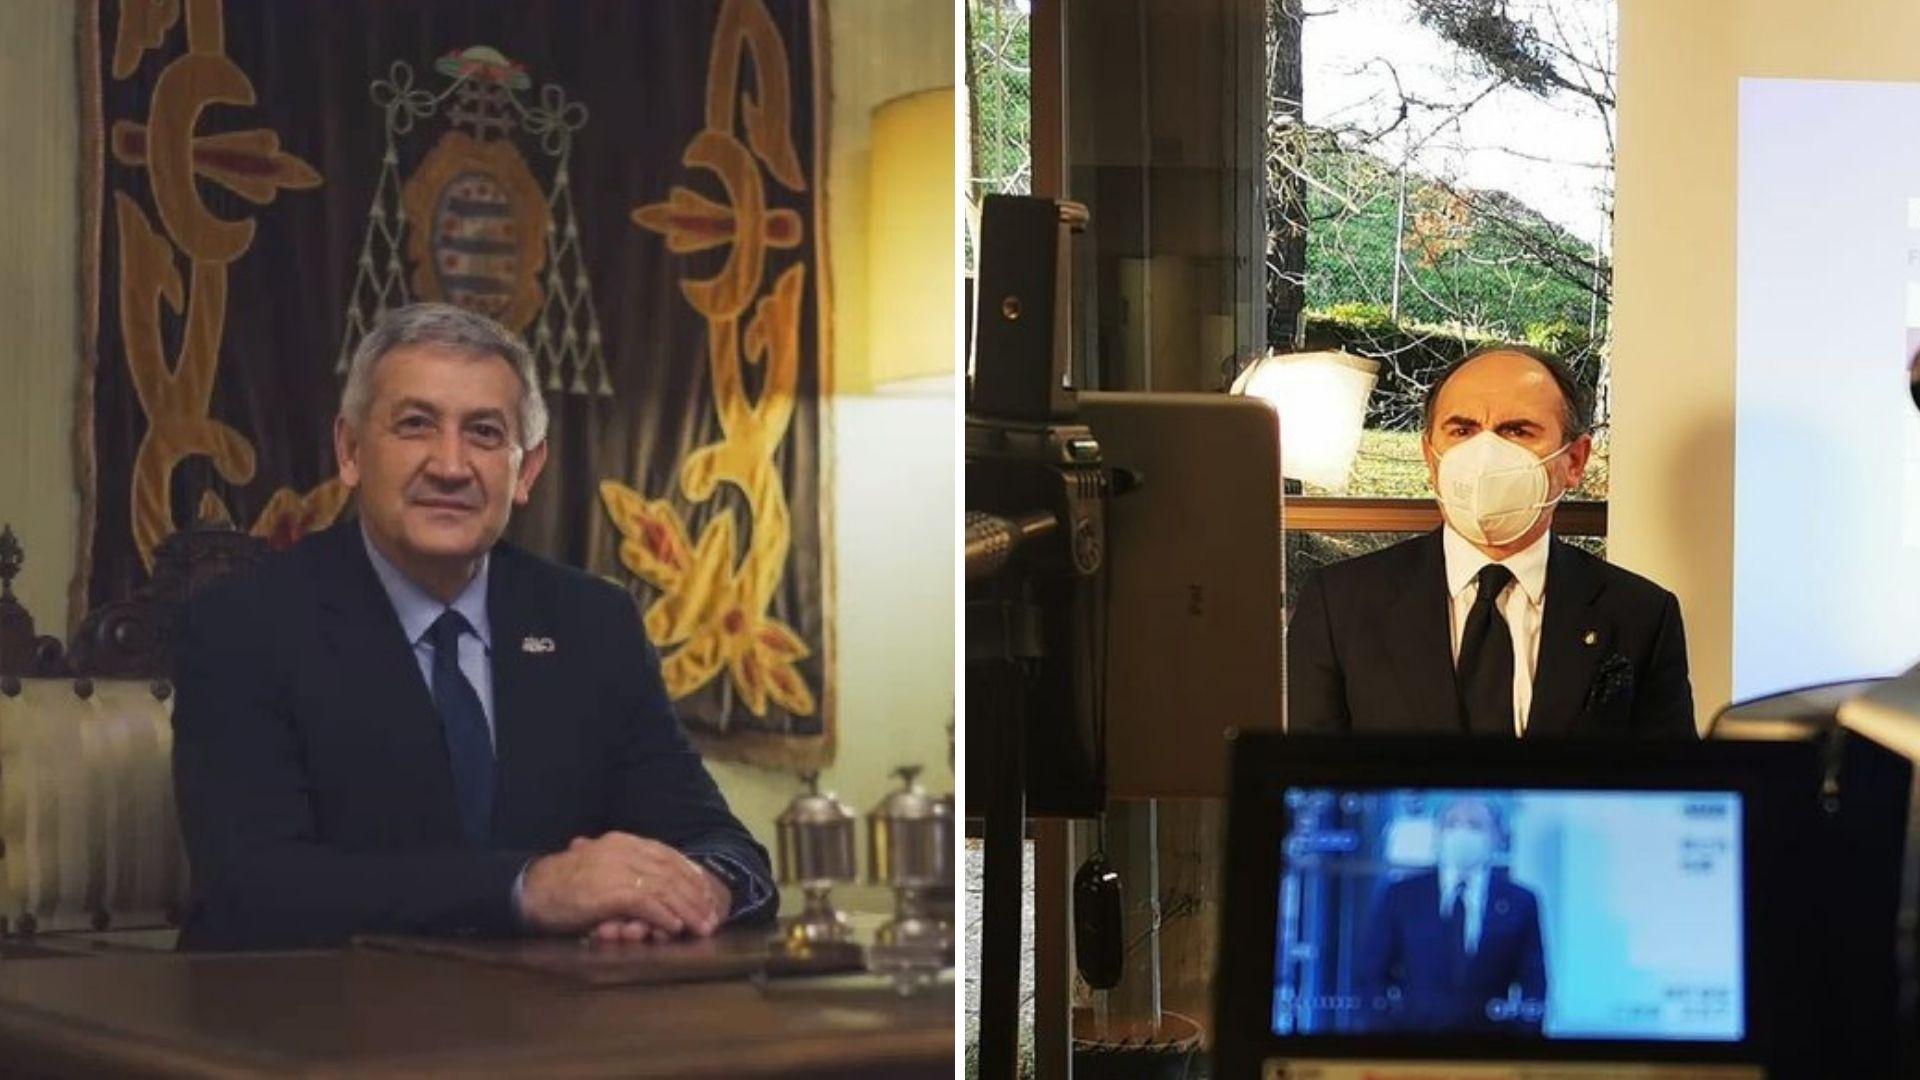 El álbum personal de Ignacio Villaverde.Santiago García Granda y, a la derecha, Ignacio Villaverde